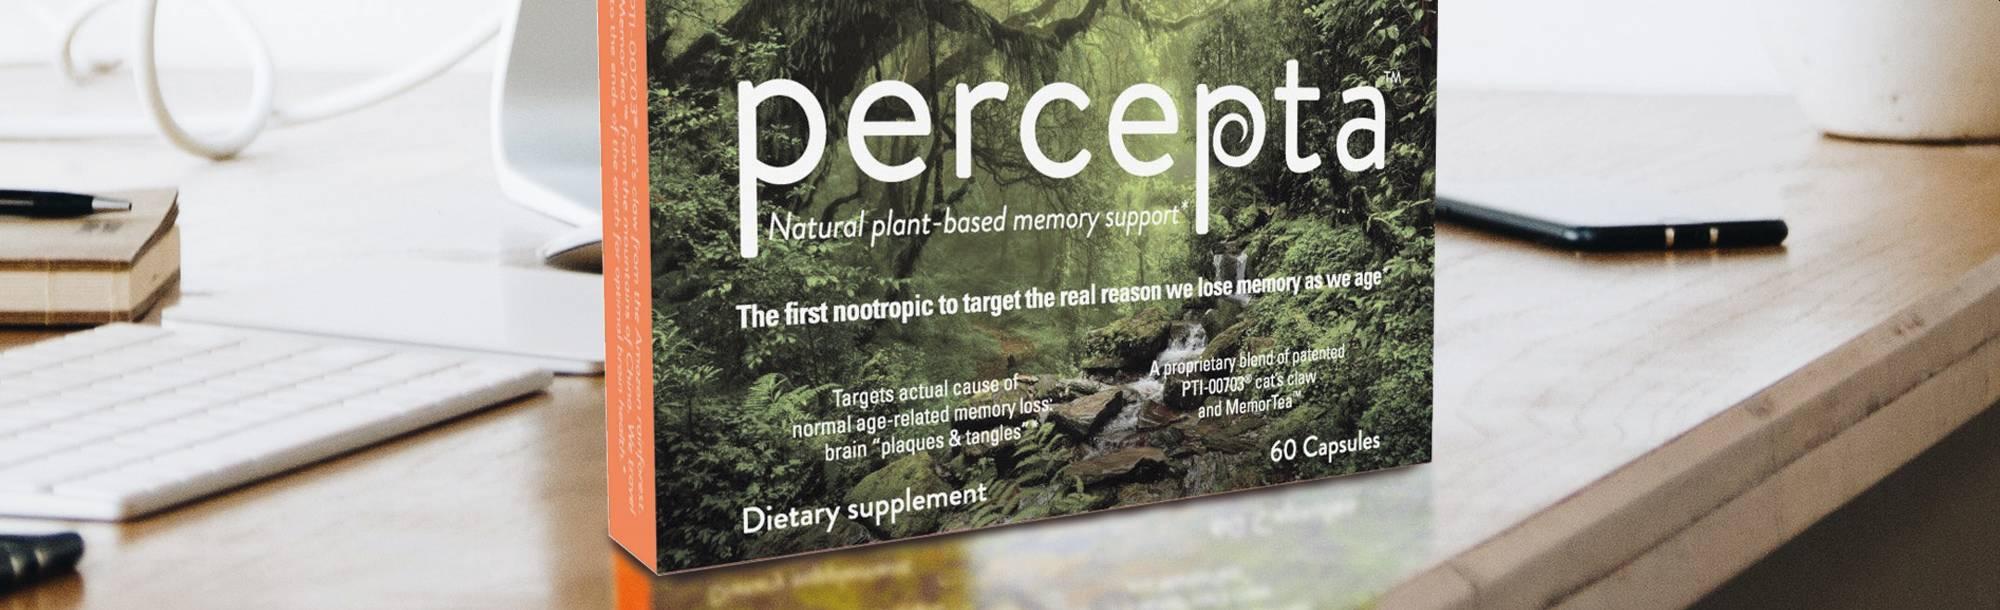 Percepta Review